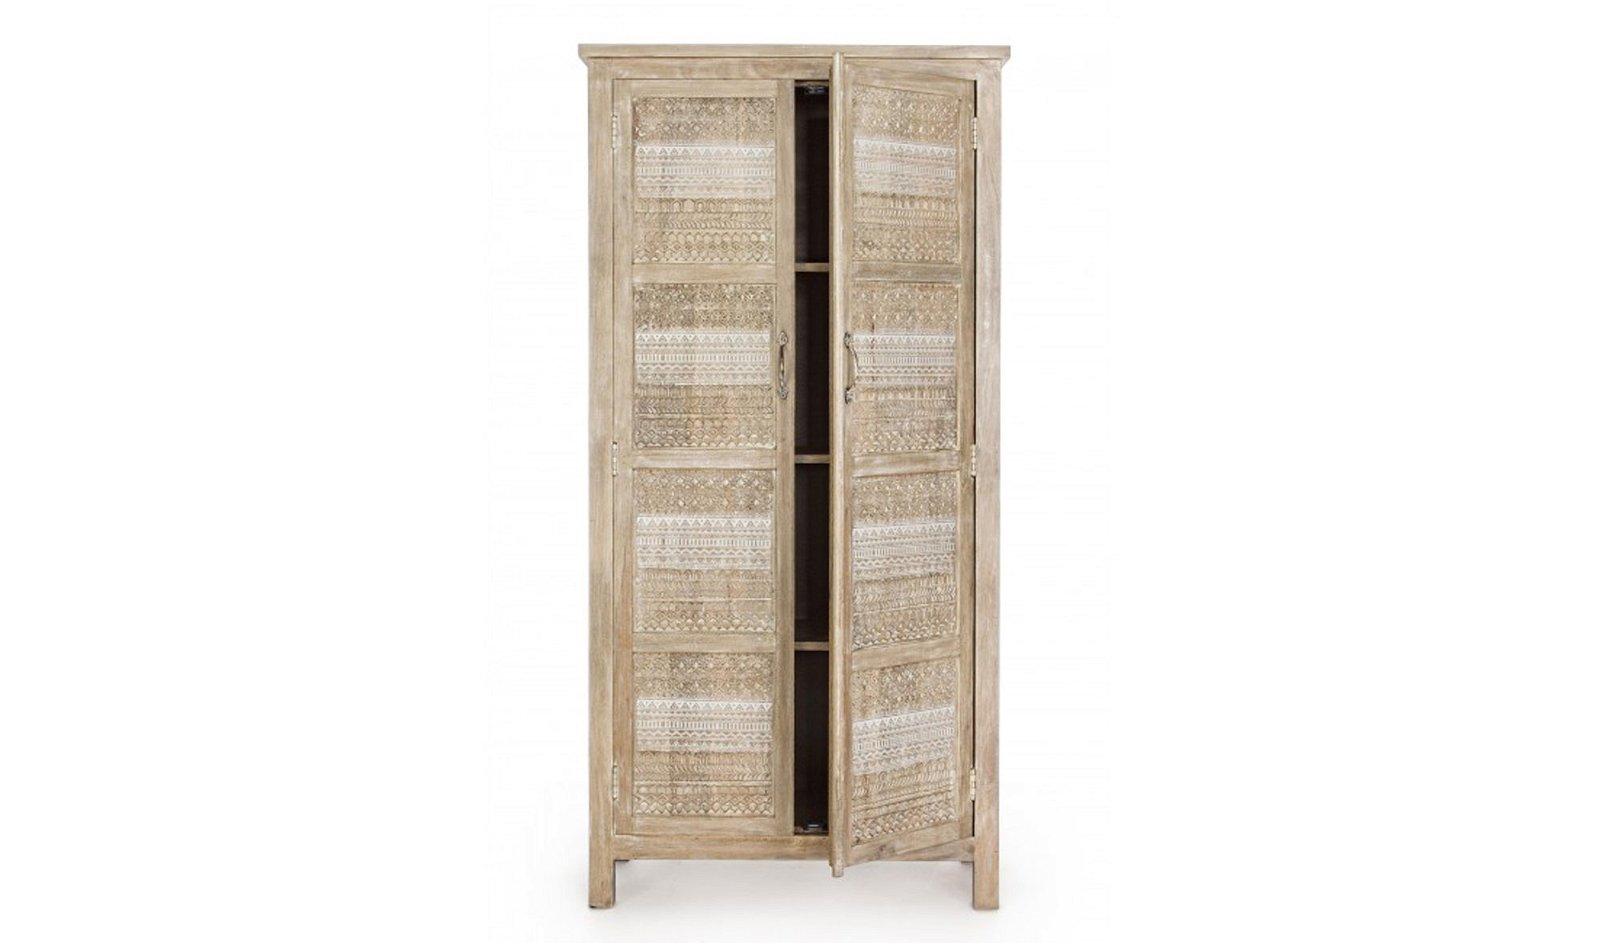 Mueble L 2 puerta vintage Mayra